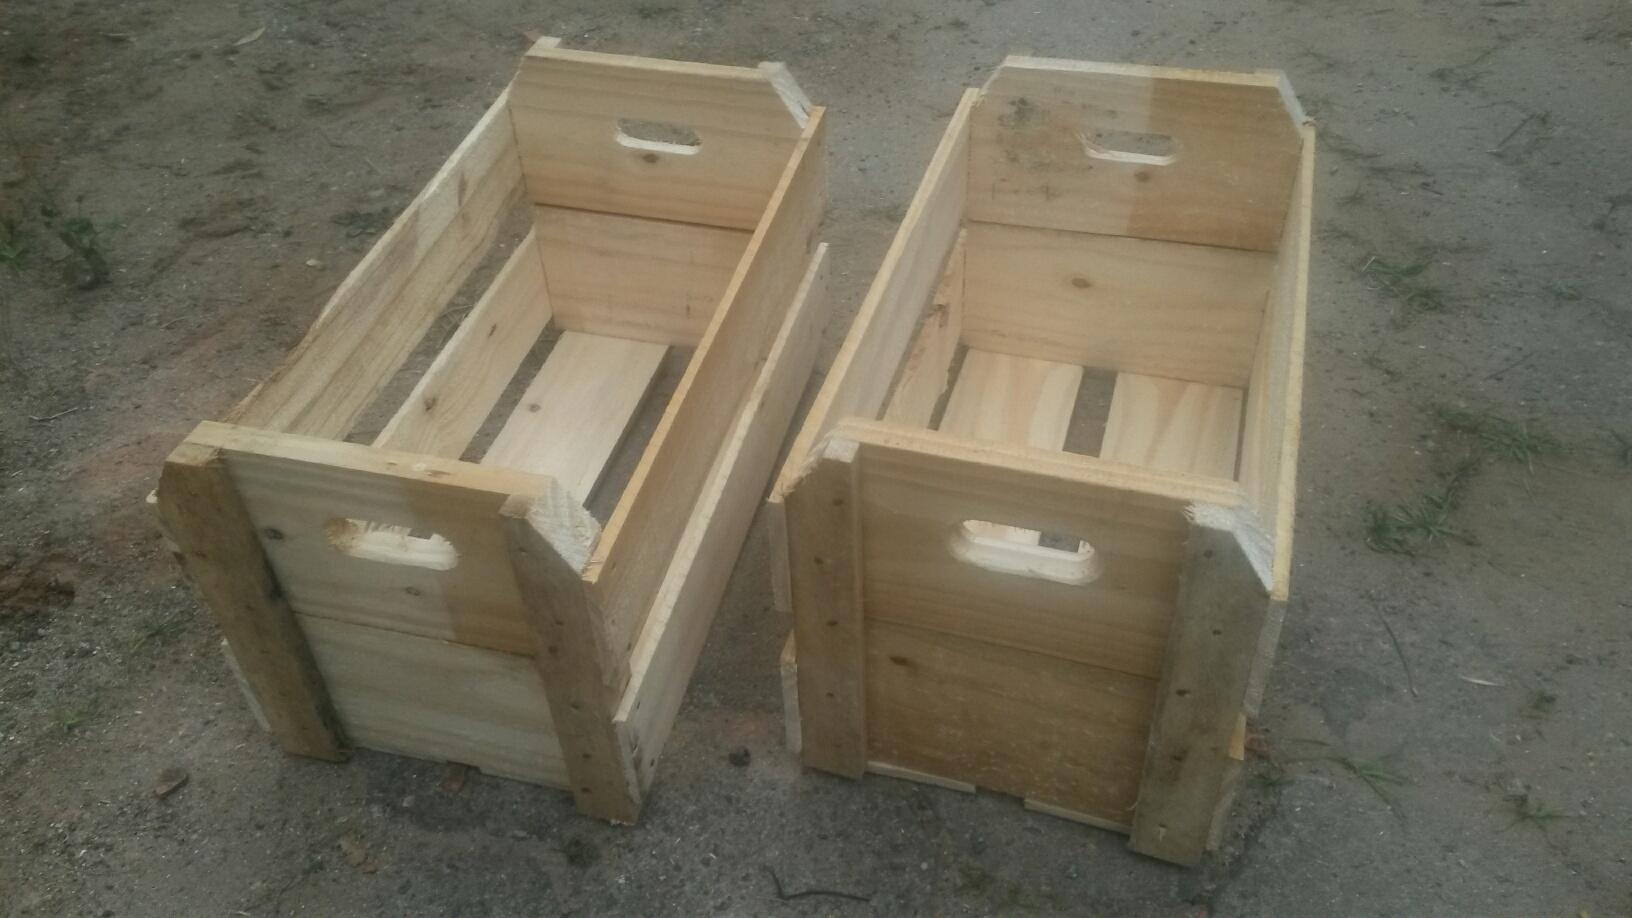 caixote de feira recife #5C503A 1632x918